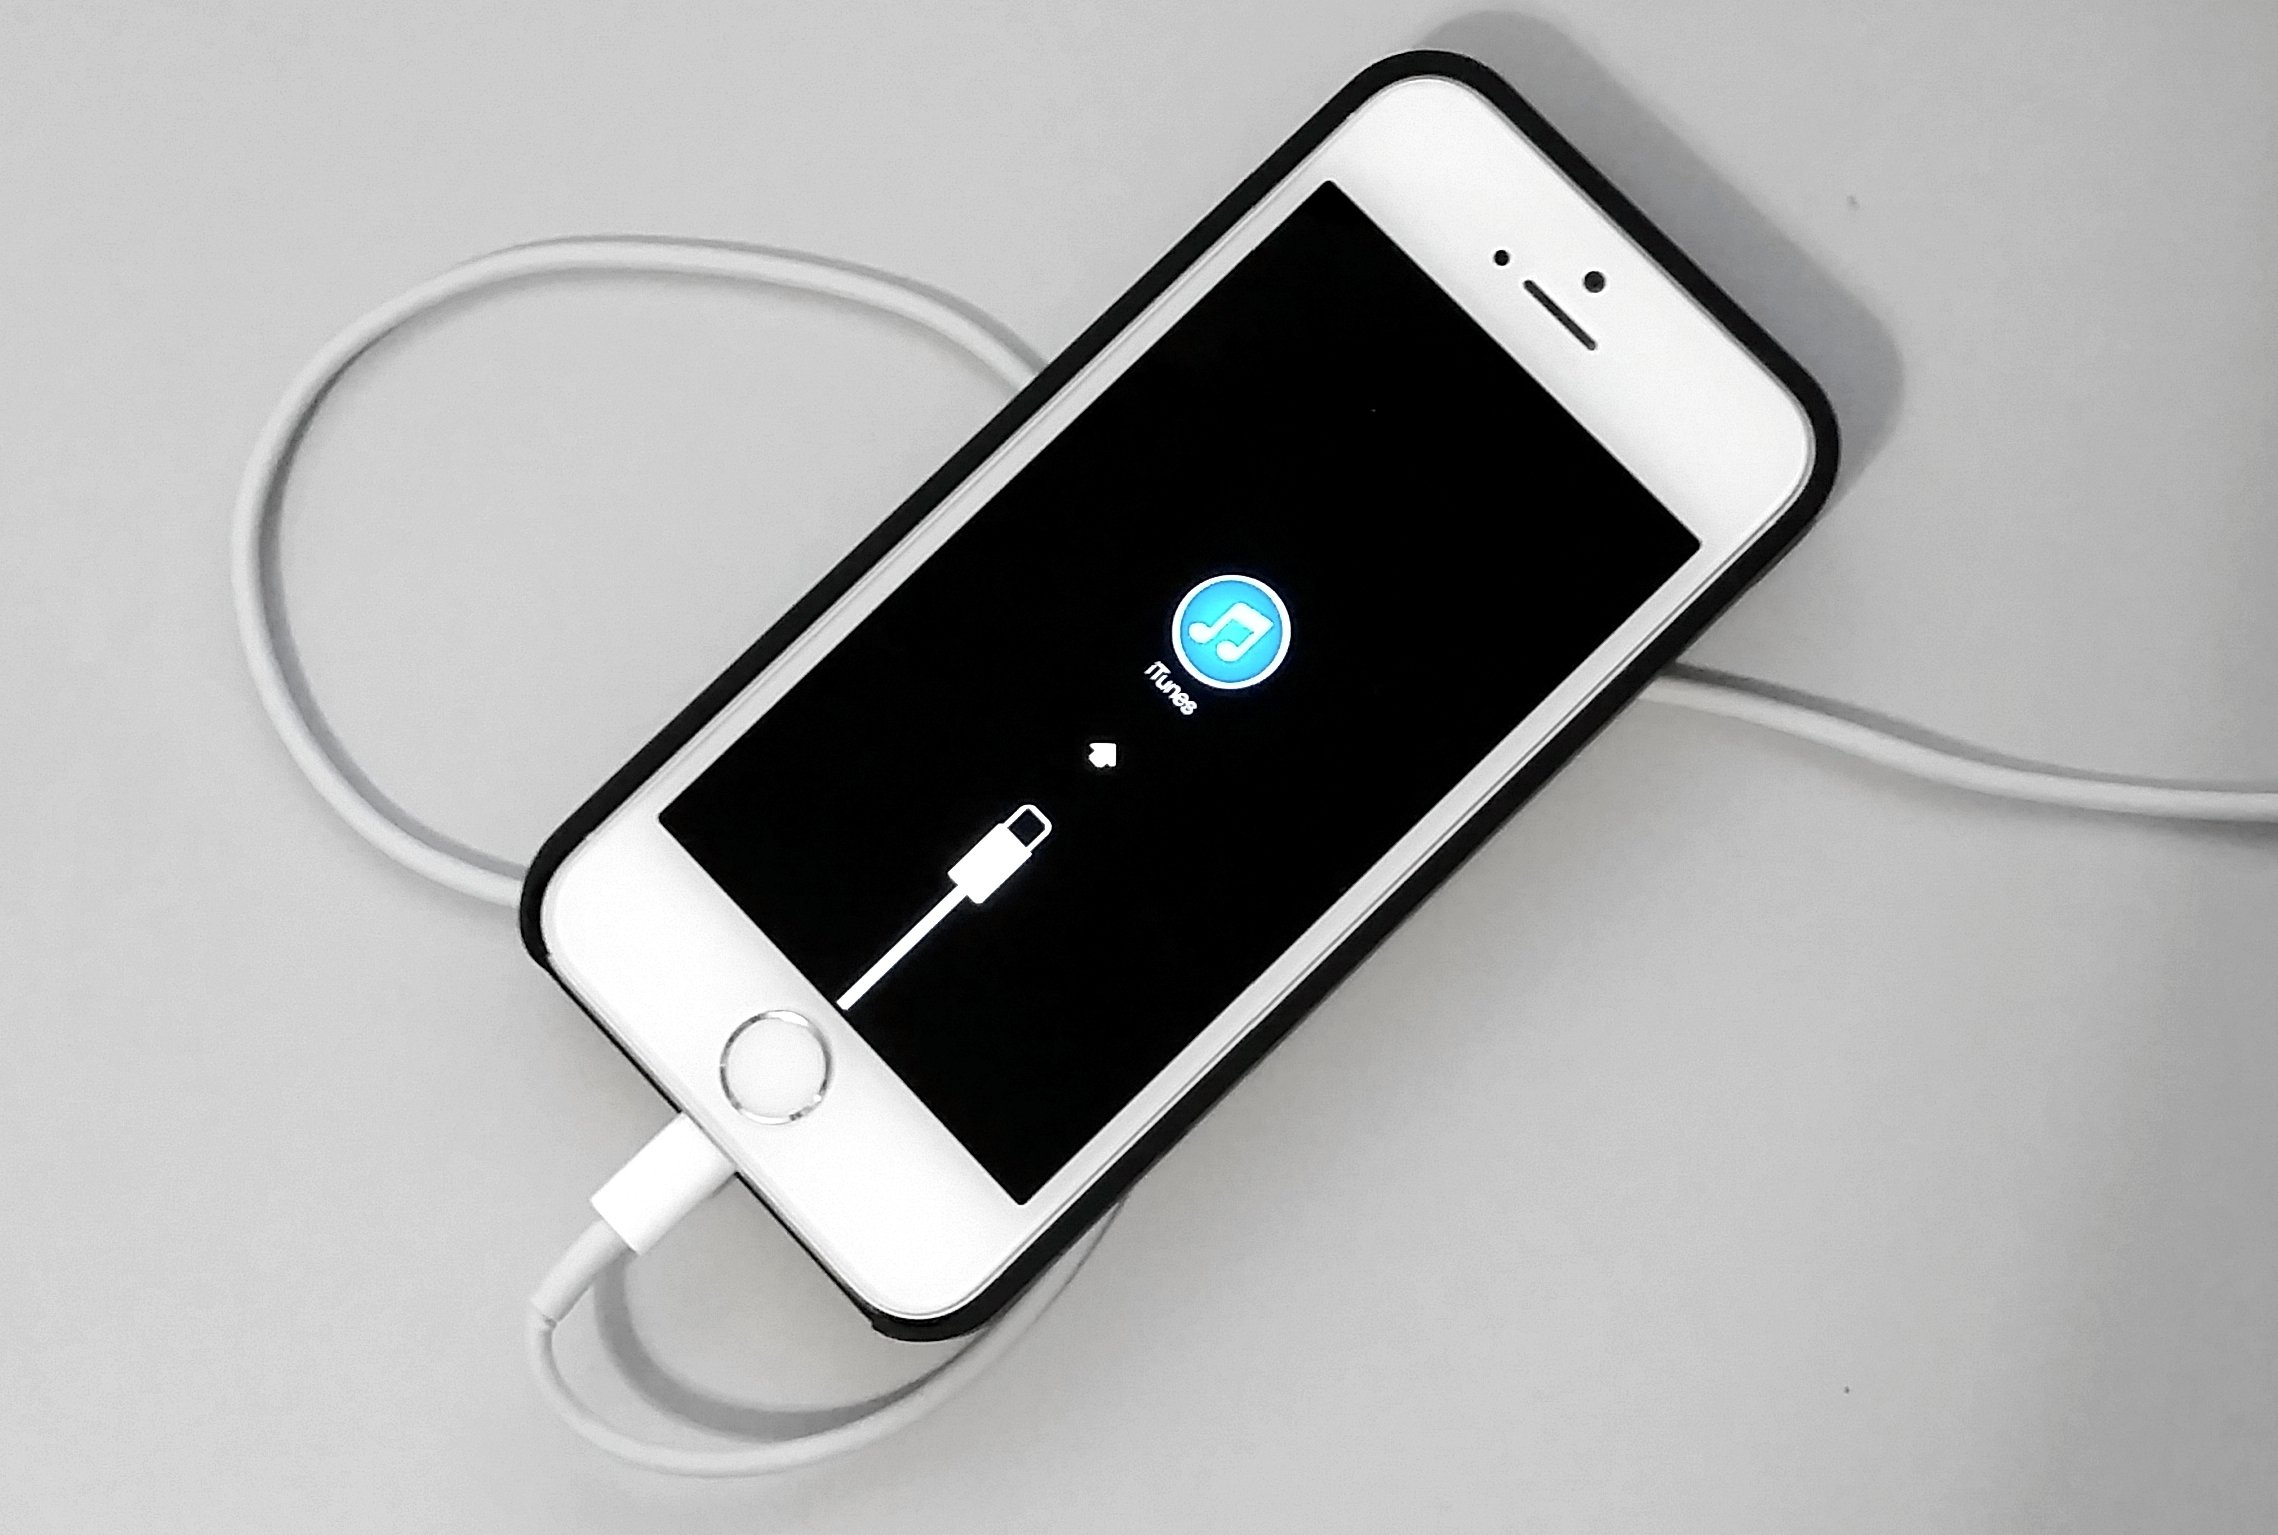 Lär dig hur du uppgraderar från iOS 8 beta eller iOS 8 GM till iOS 8 version.